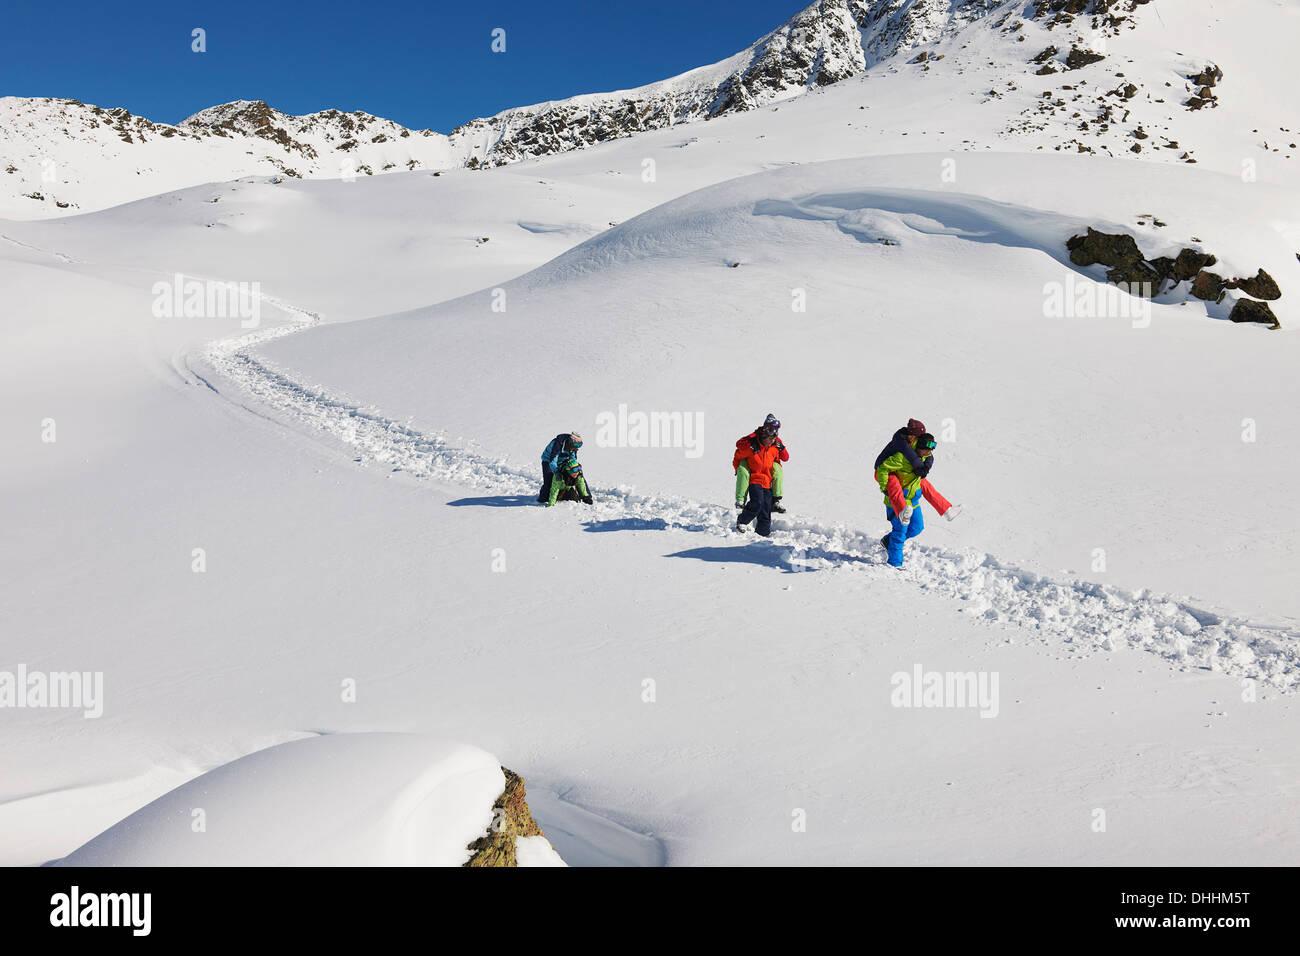 Les amis donnant à chaque autre piggy dos dans la neige, Kuhtai, Autriche Photo Stock